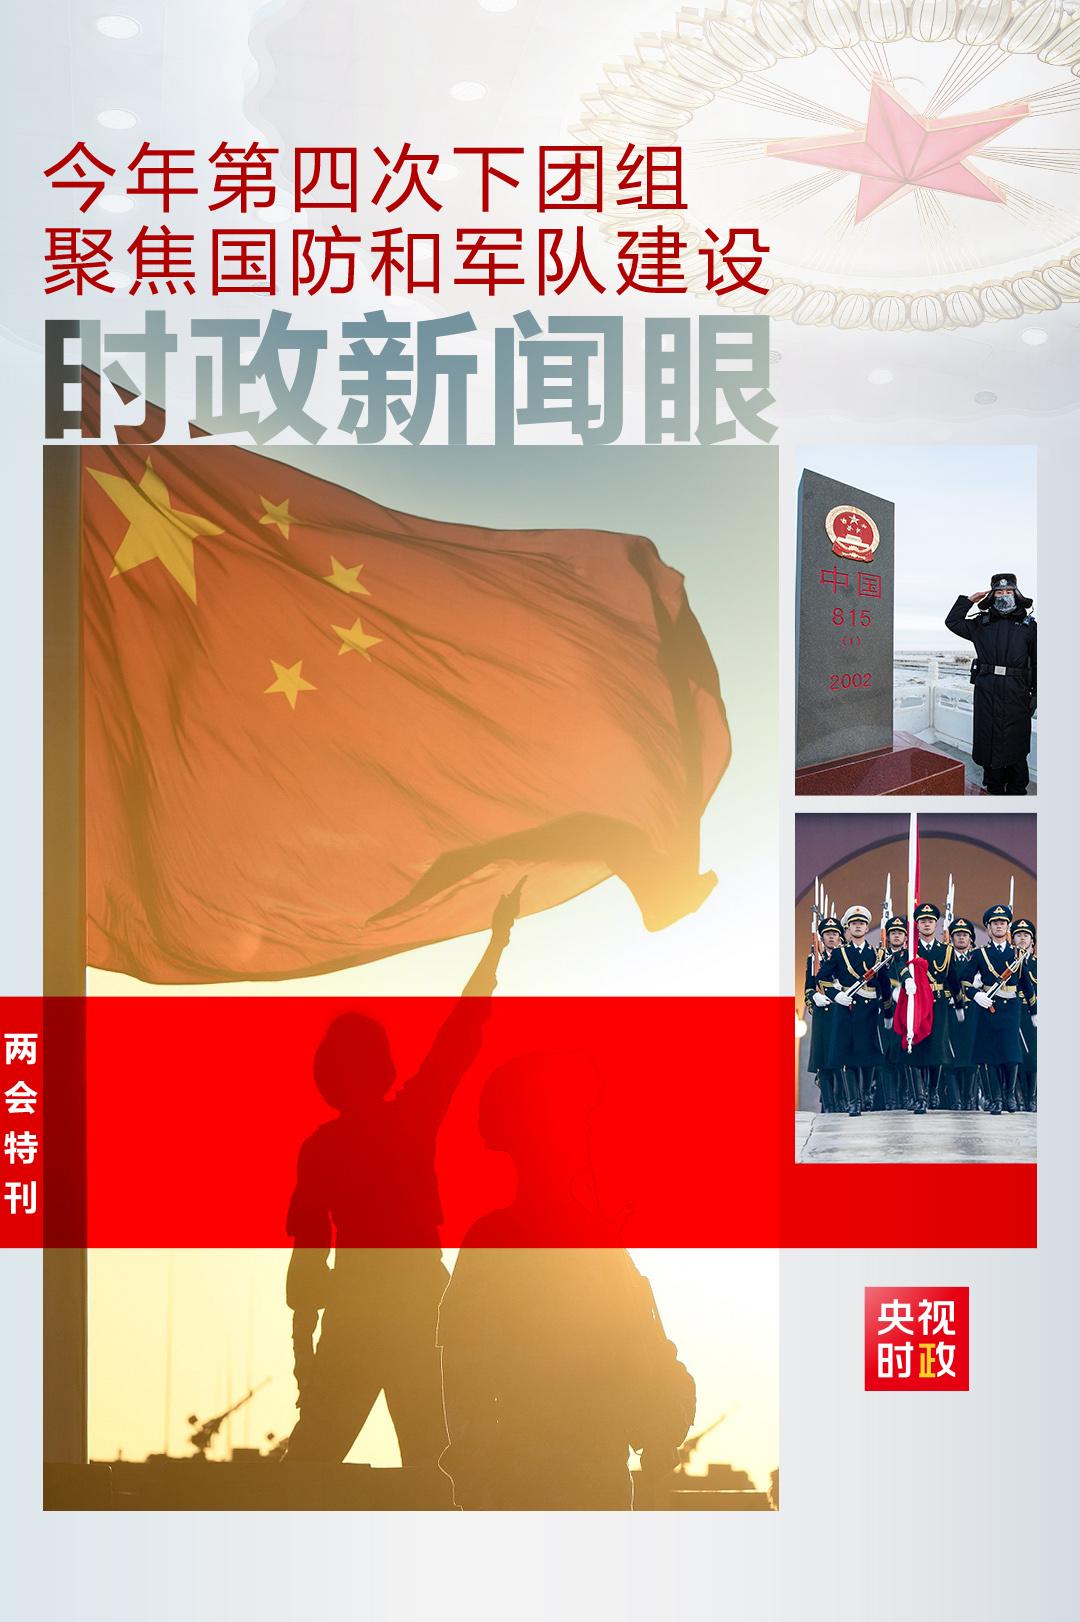 http://www.weixinrensheng.com/junshi/2677910.html